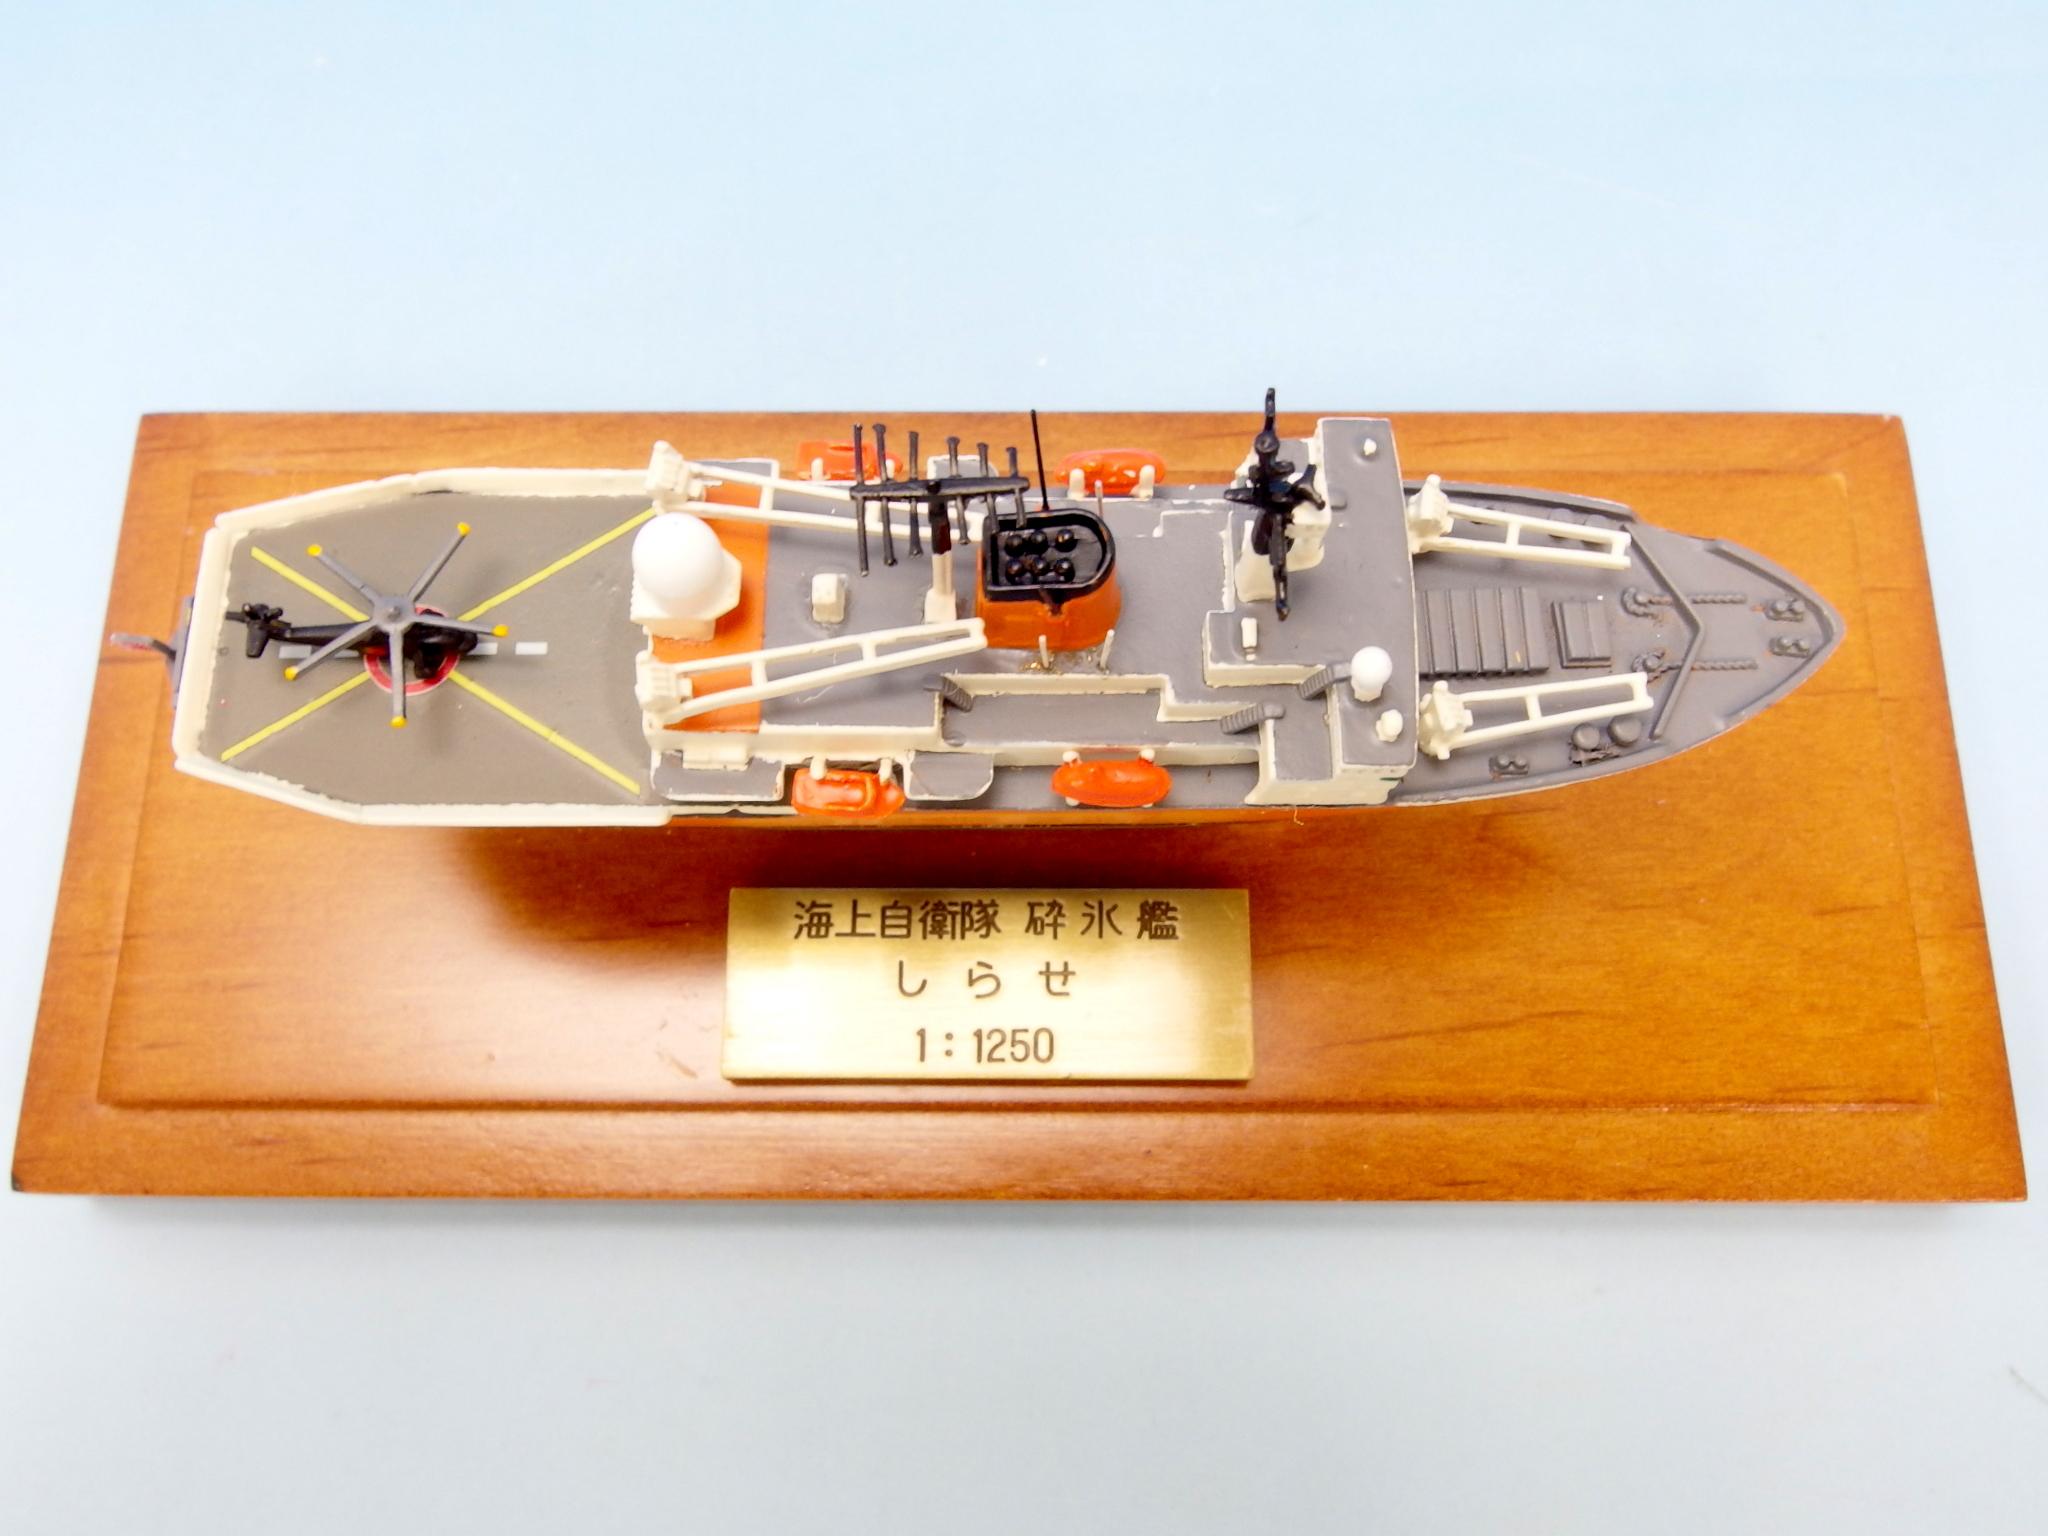 小西製作所 1/1250スケール 海上自衛隊 砕氷艦 しらせ